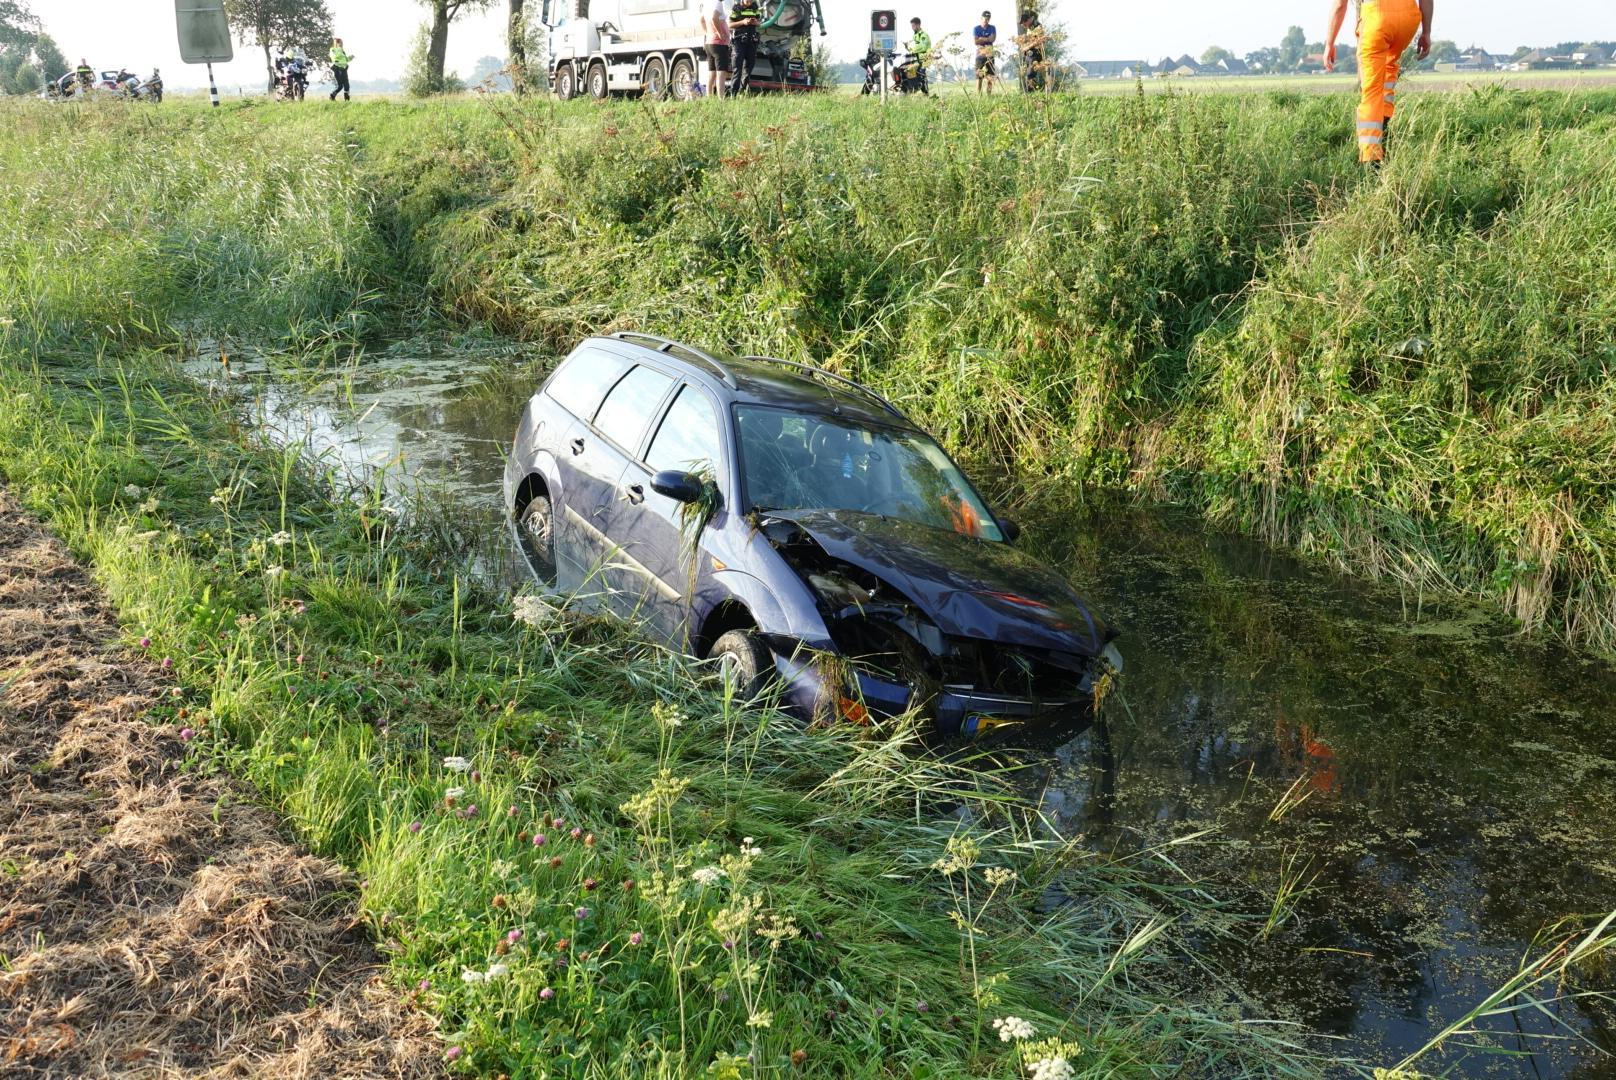 Vrachtwagen raakt bij Opmeer van de weg, chauffeur merkt niets van auto te water [update]